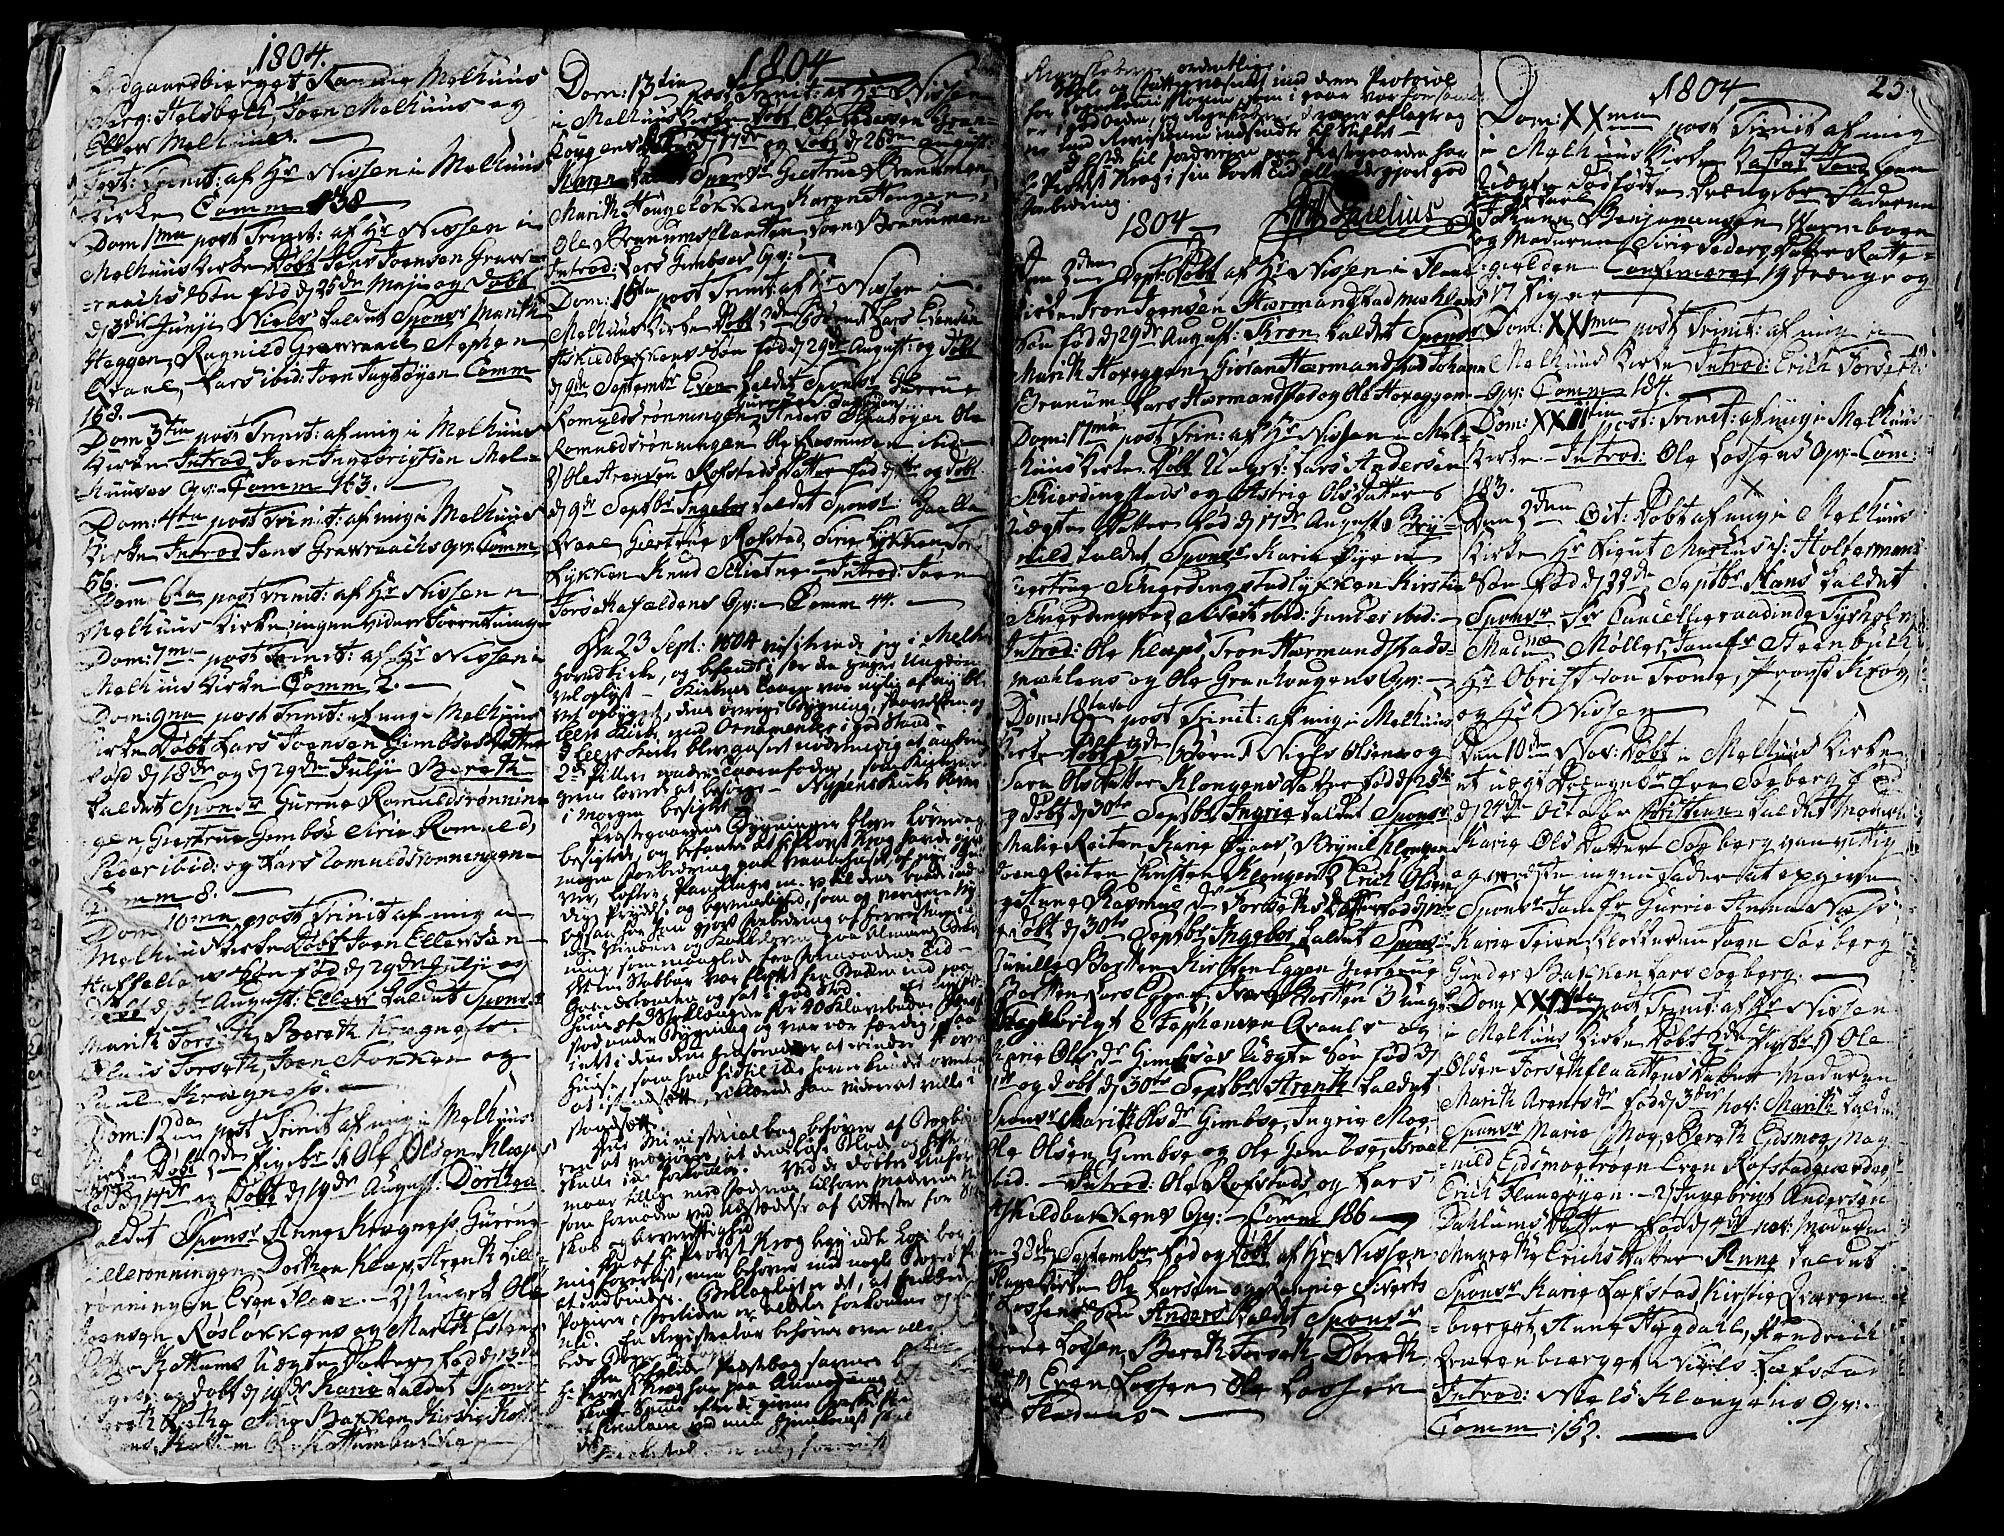 SAT, Ministerialprotokoller, klokkerbøker og fødselsregistre - Sør-Trøndelag, 691/L1061: Ministerialbok nr. 691A02 /1, 1768-1815, s. 25